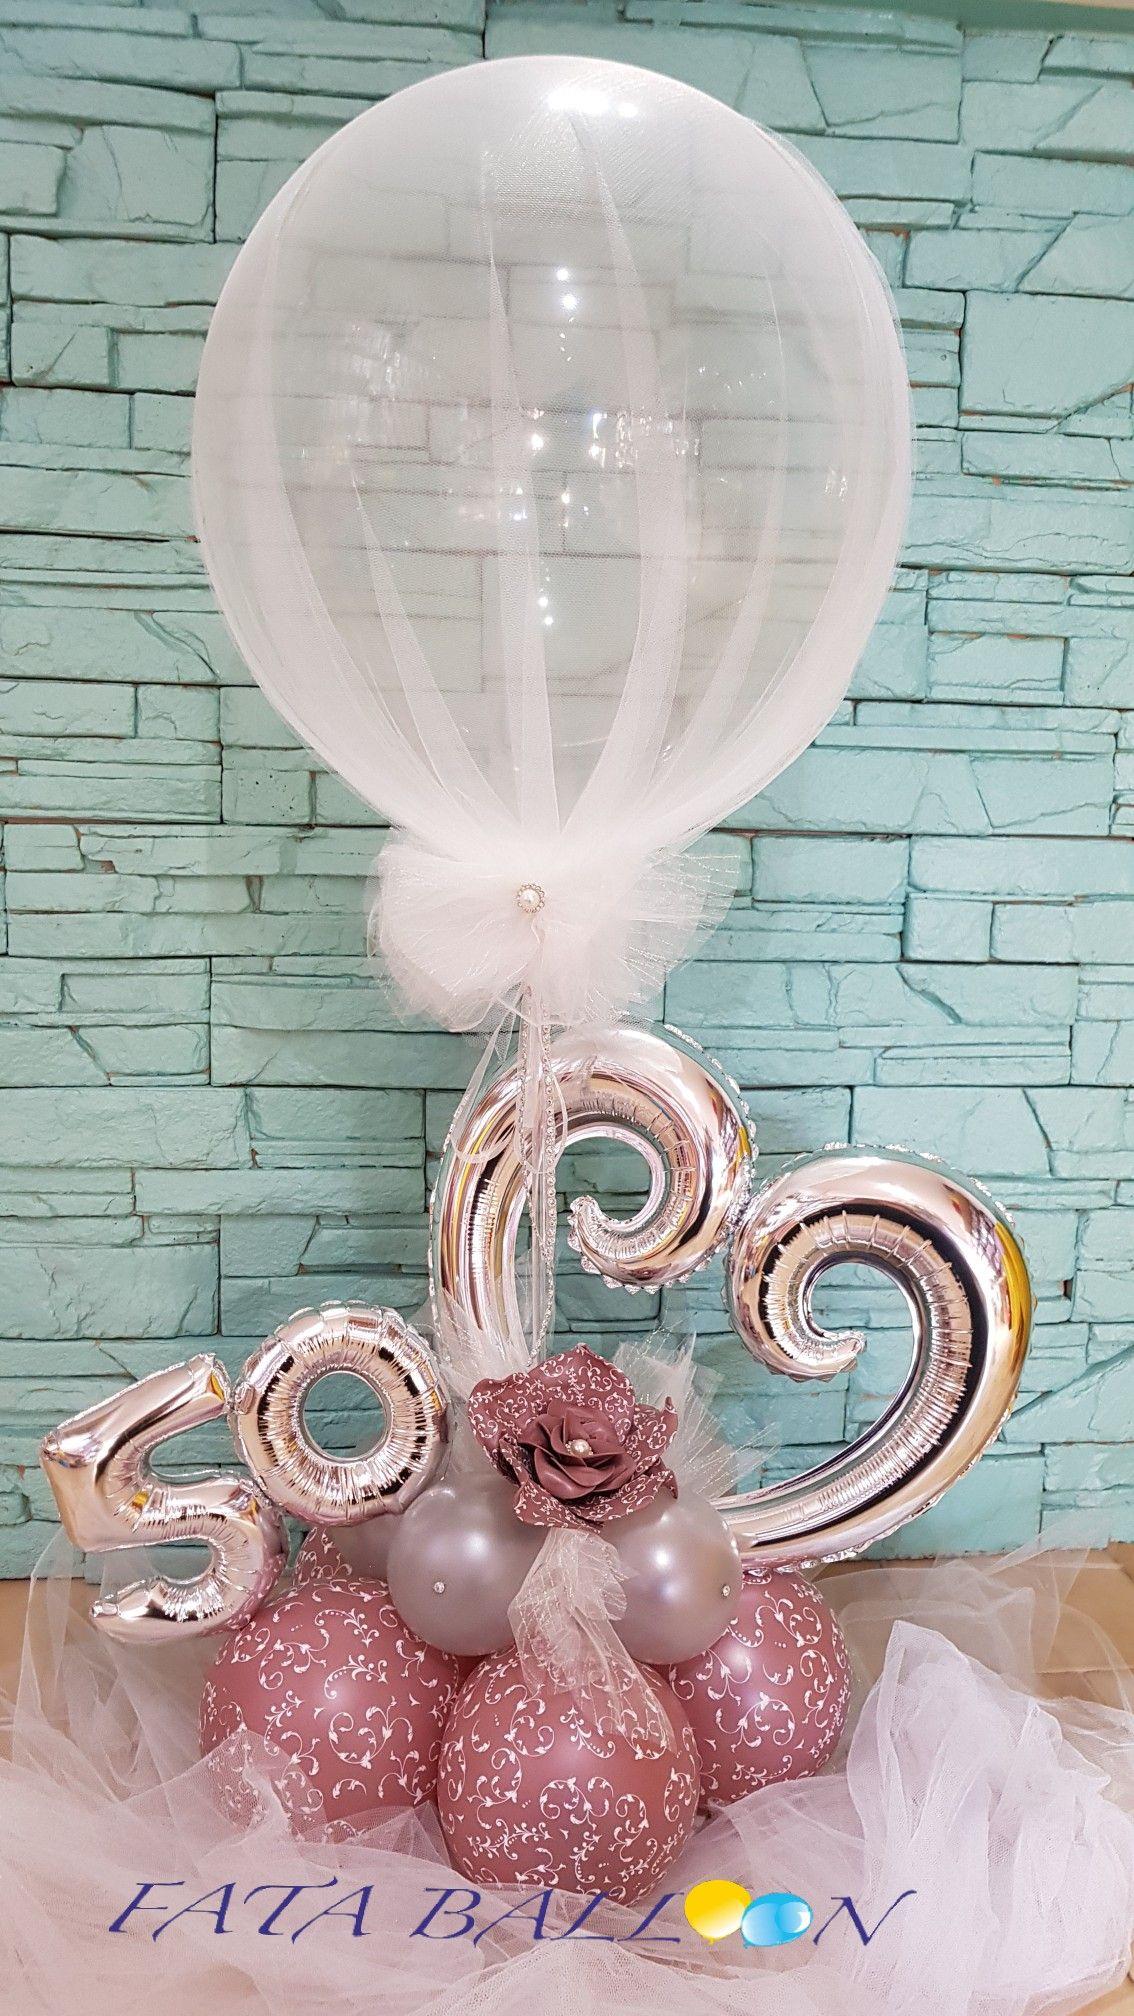 Composizione rosa gold argento 50 anni | balloon centerpiece in